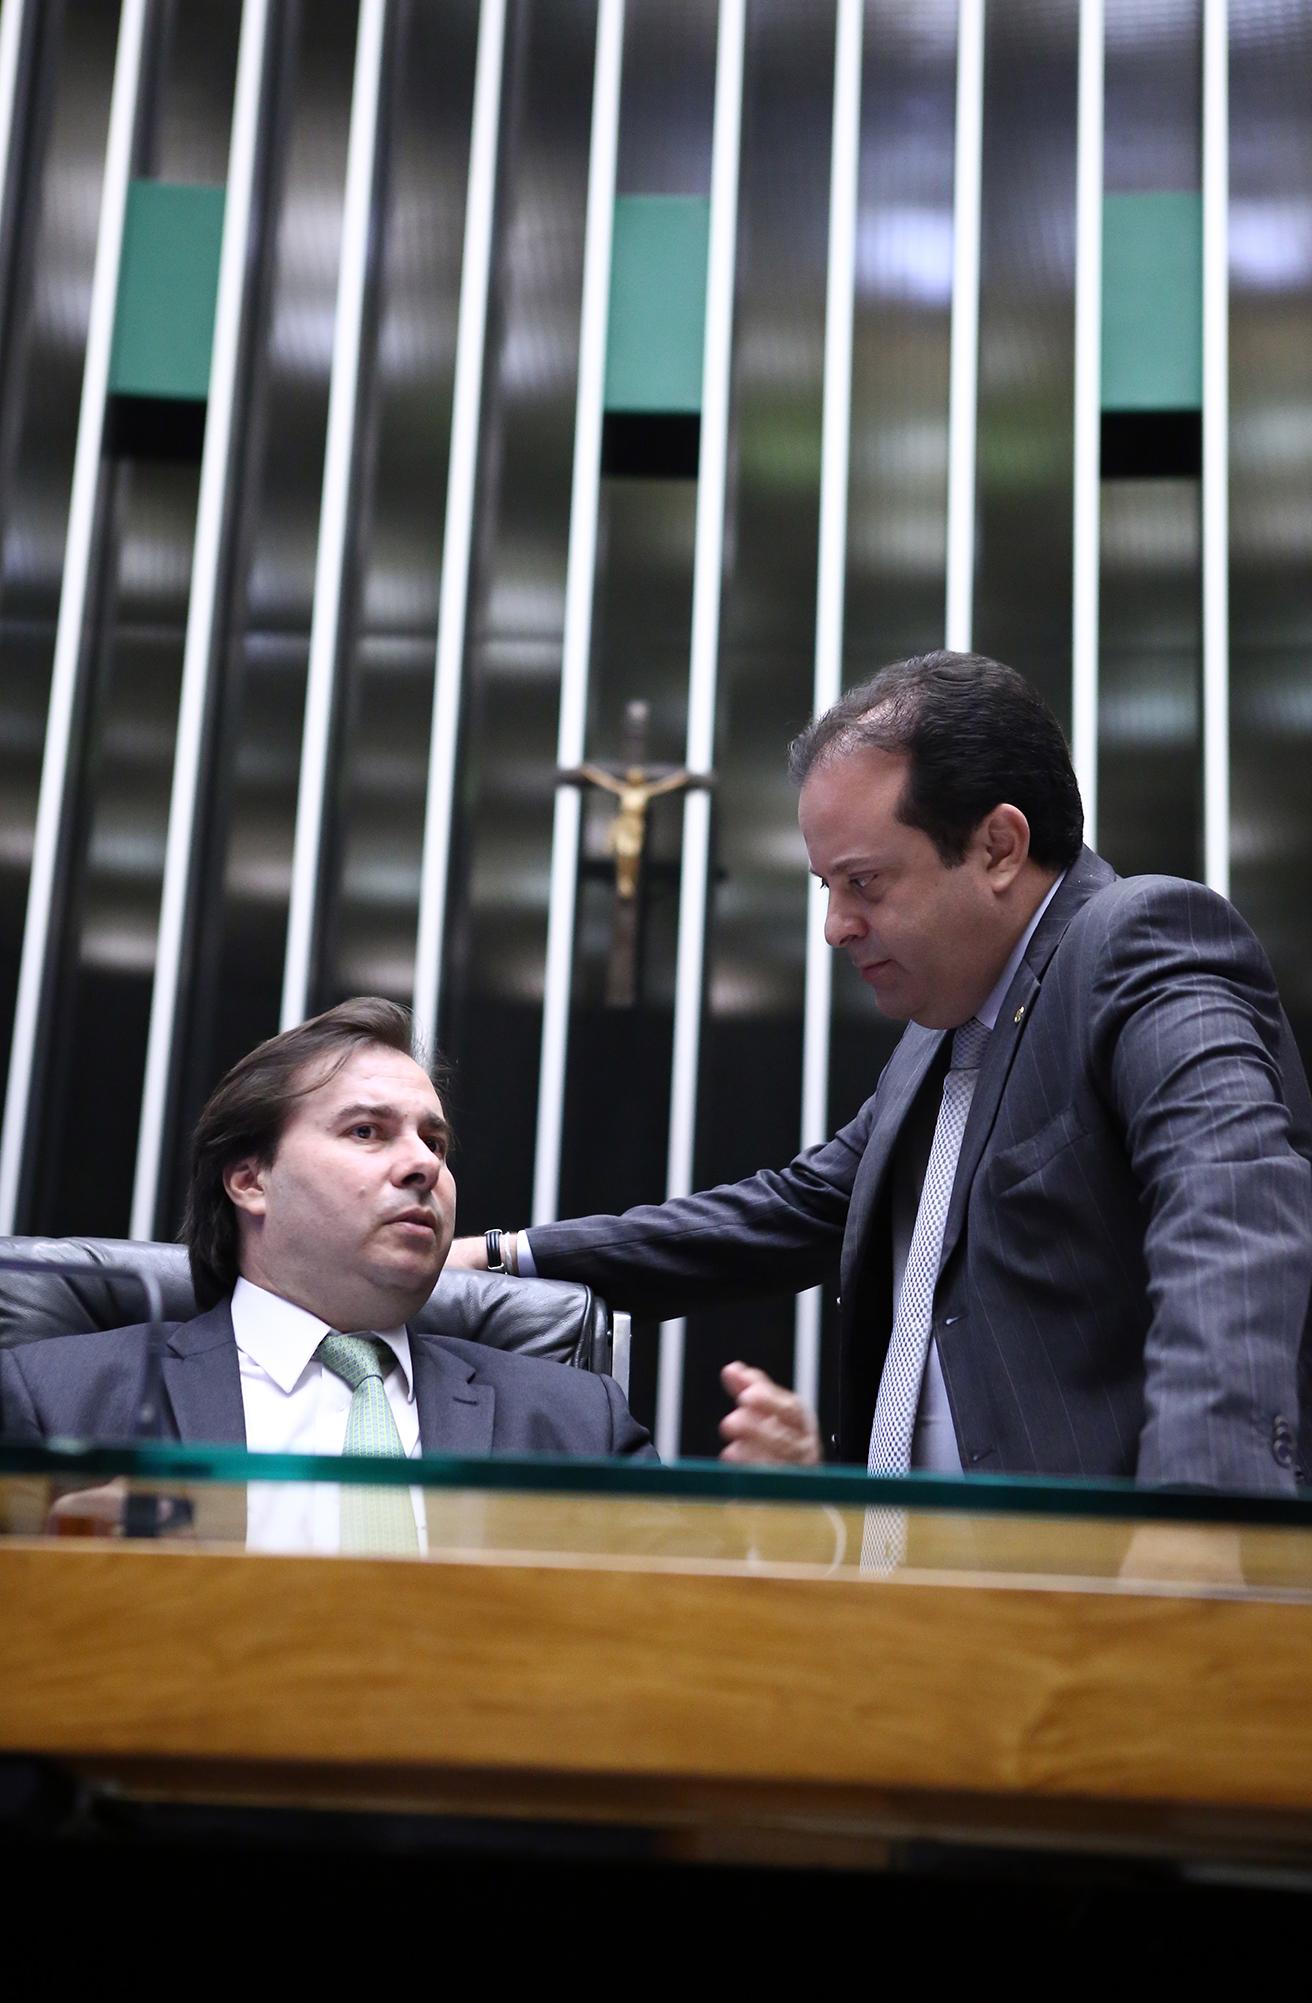 Sessão extraordinária da Câmara dos Deputados para discussão e votação de diversos projetos. Deputados (E) Rodrigo Maia (DEM-RJ), presidente da Câmara e André Moura (PSC-SE), líder do Governo da Câmara